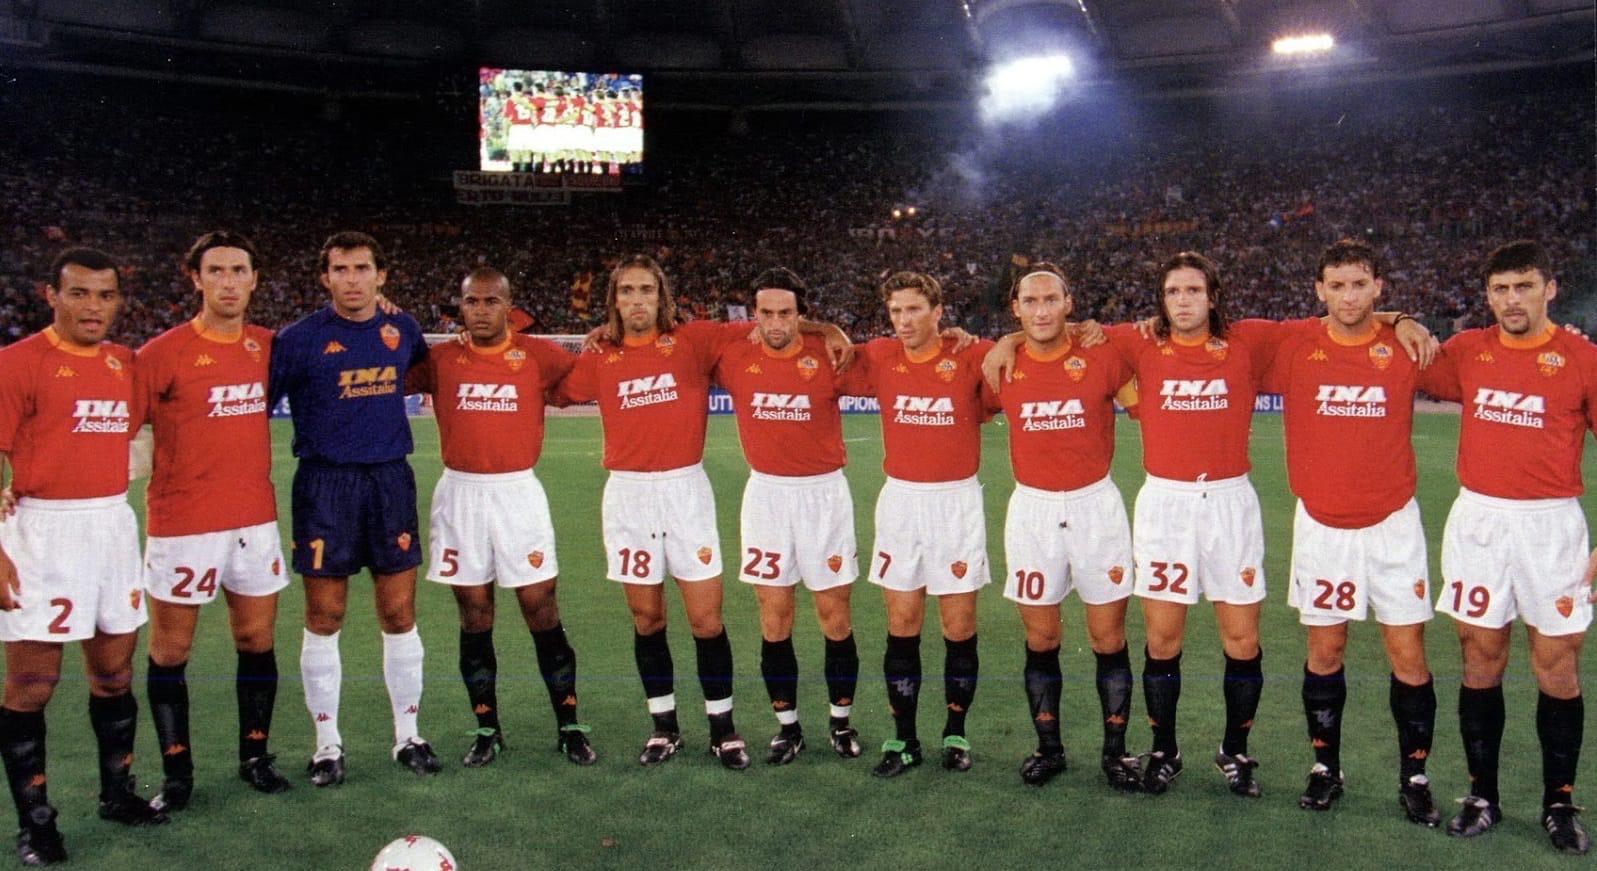 Чемпионат Италии 20 лет назад - звёздные составы, сумасшедшие тифози и римский триумф